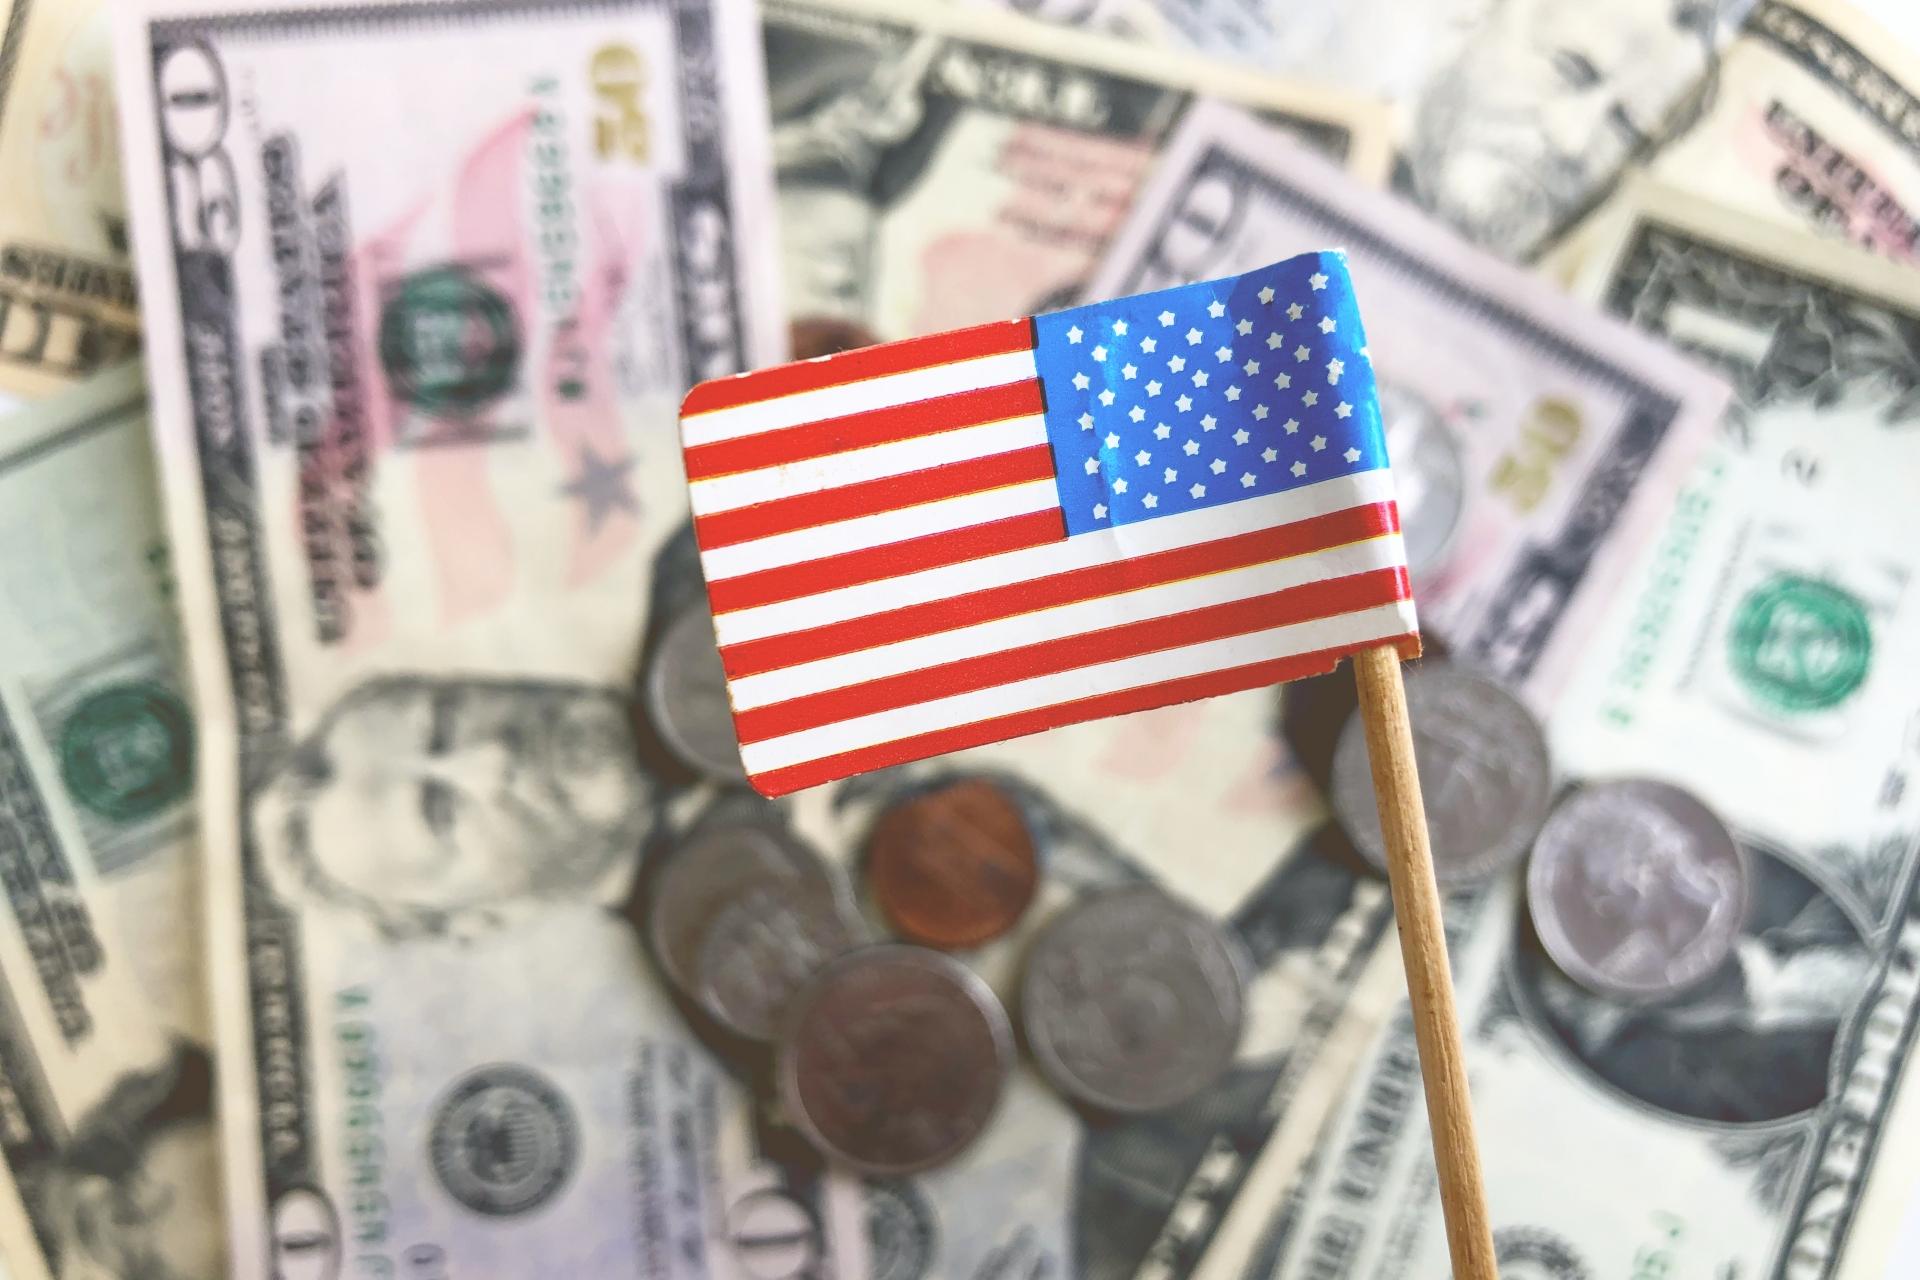 新型コロナの影響で景気が低迷する日本。これに対してアメリカは好調で両国の差が浮き彫りになった。